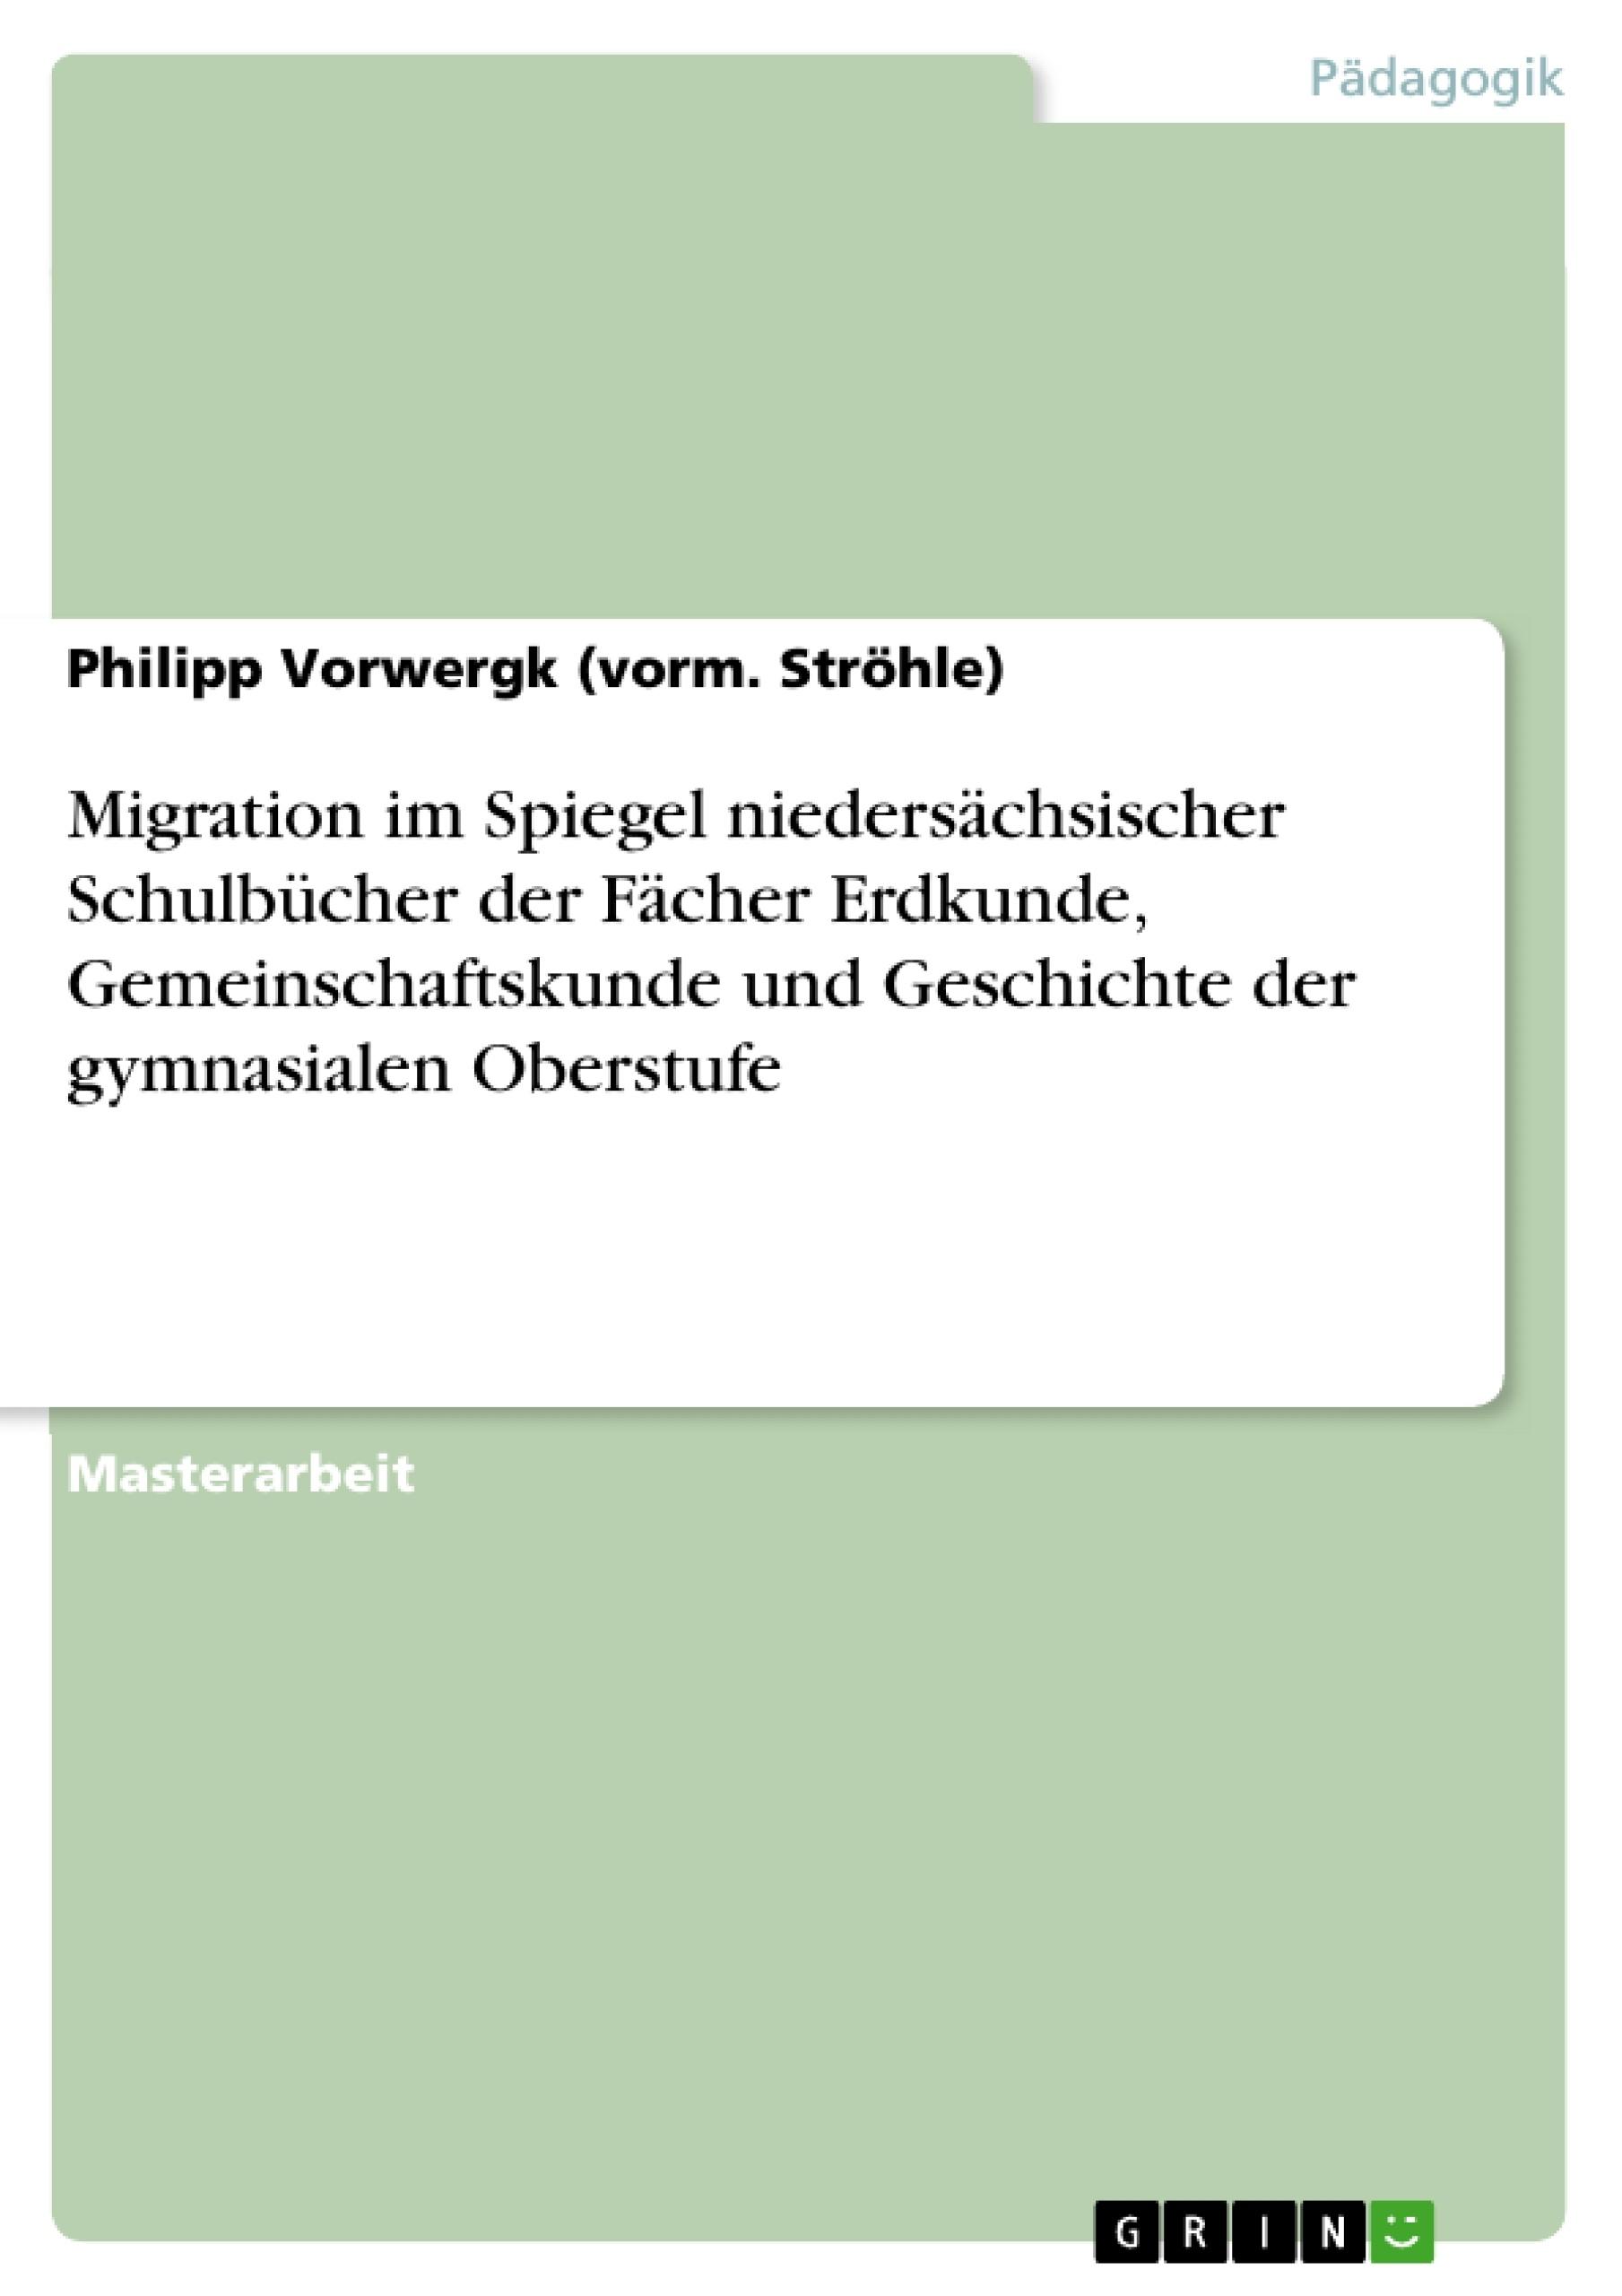 Titel: Migration im Spiegel niedersächsischer Schulbücher der Fächer Erdkunde, Gemeinschaftskunde und Geschichte der gymnasialen Oberstufe